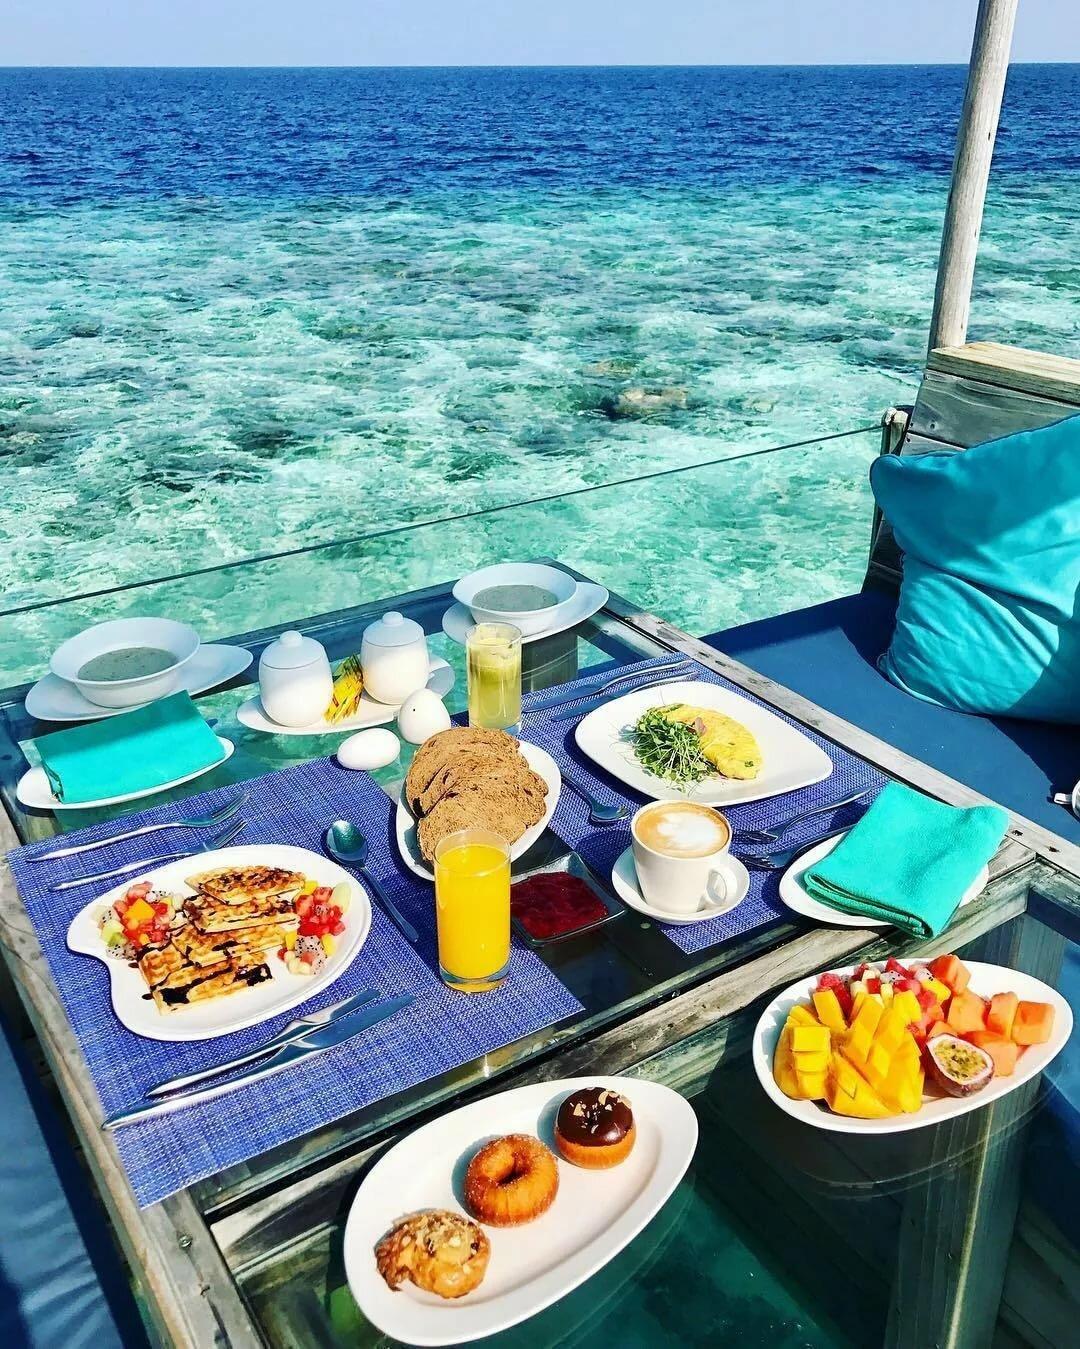 Красивый завтрак у моря картинки школьницам